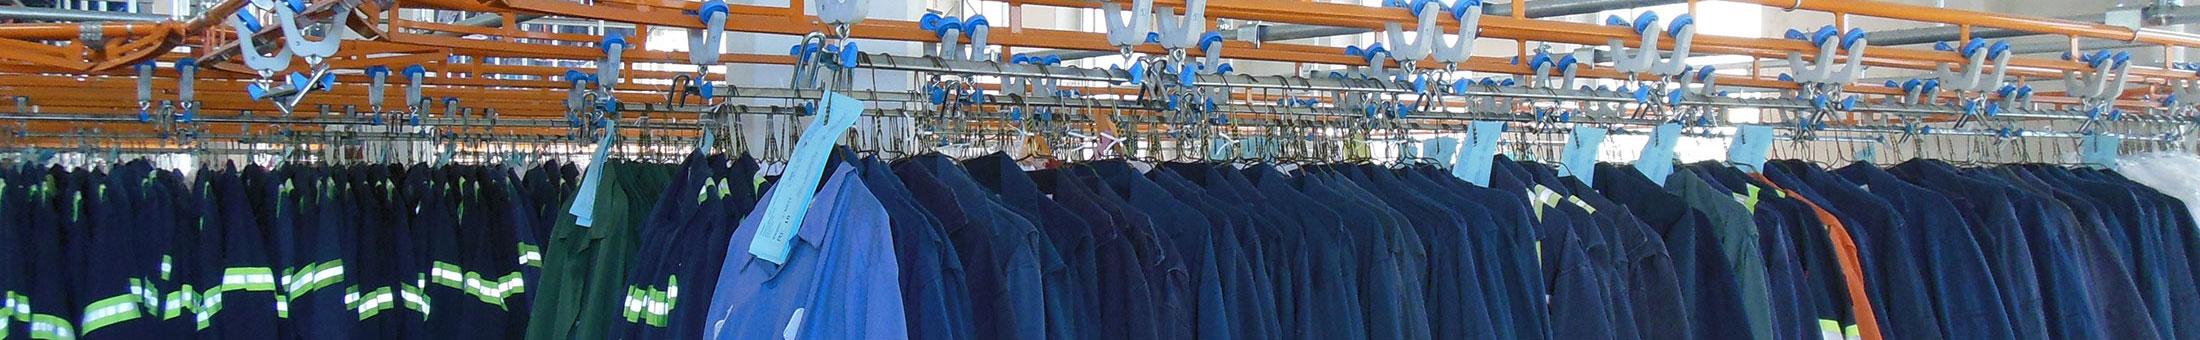 Garment Distribution Centre (GOH)